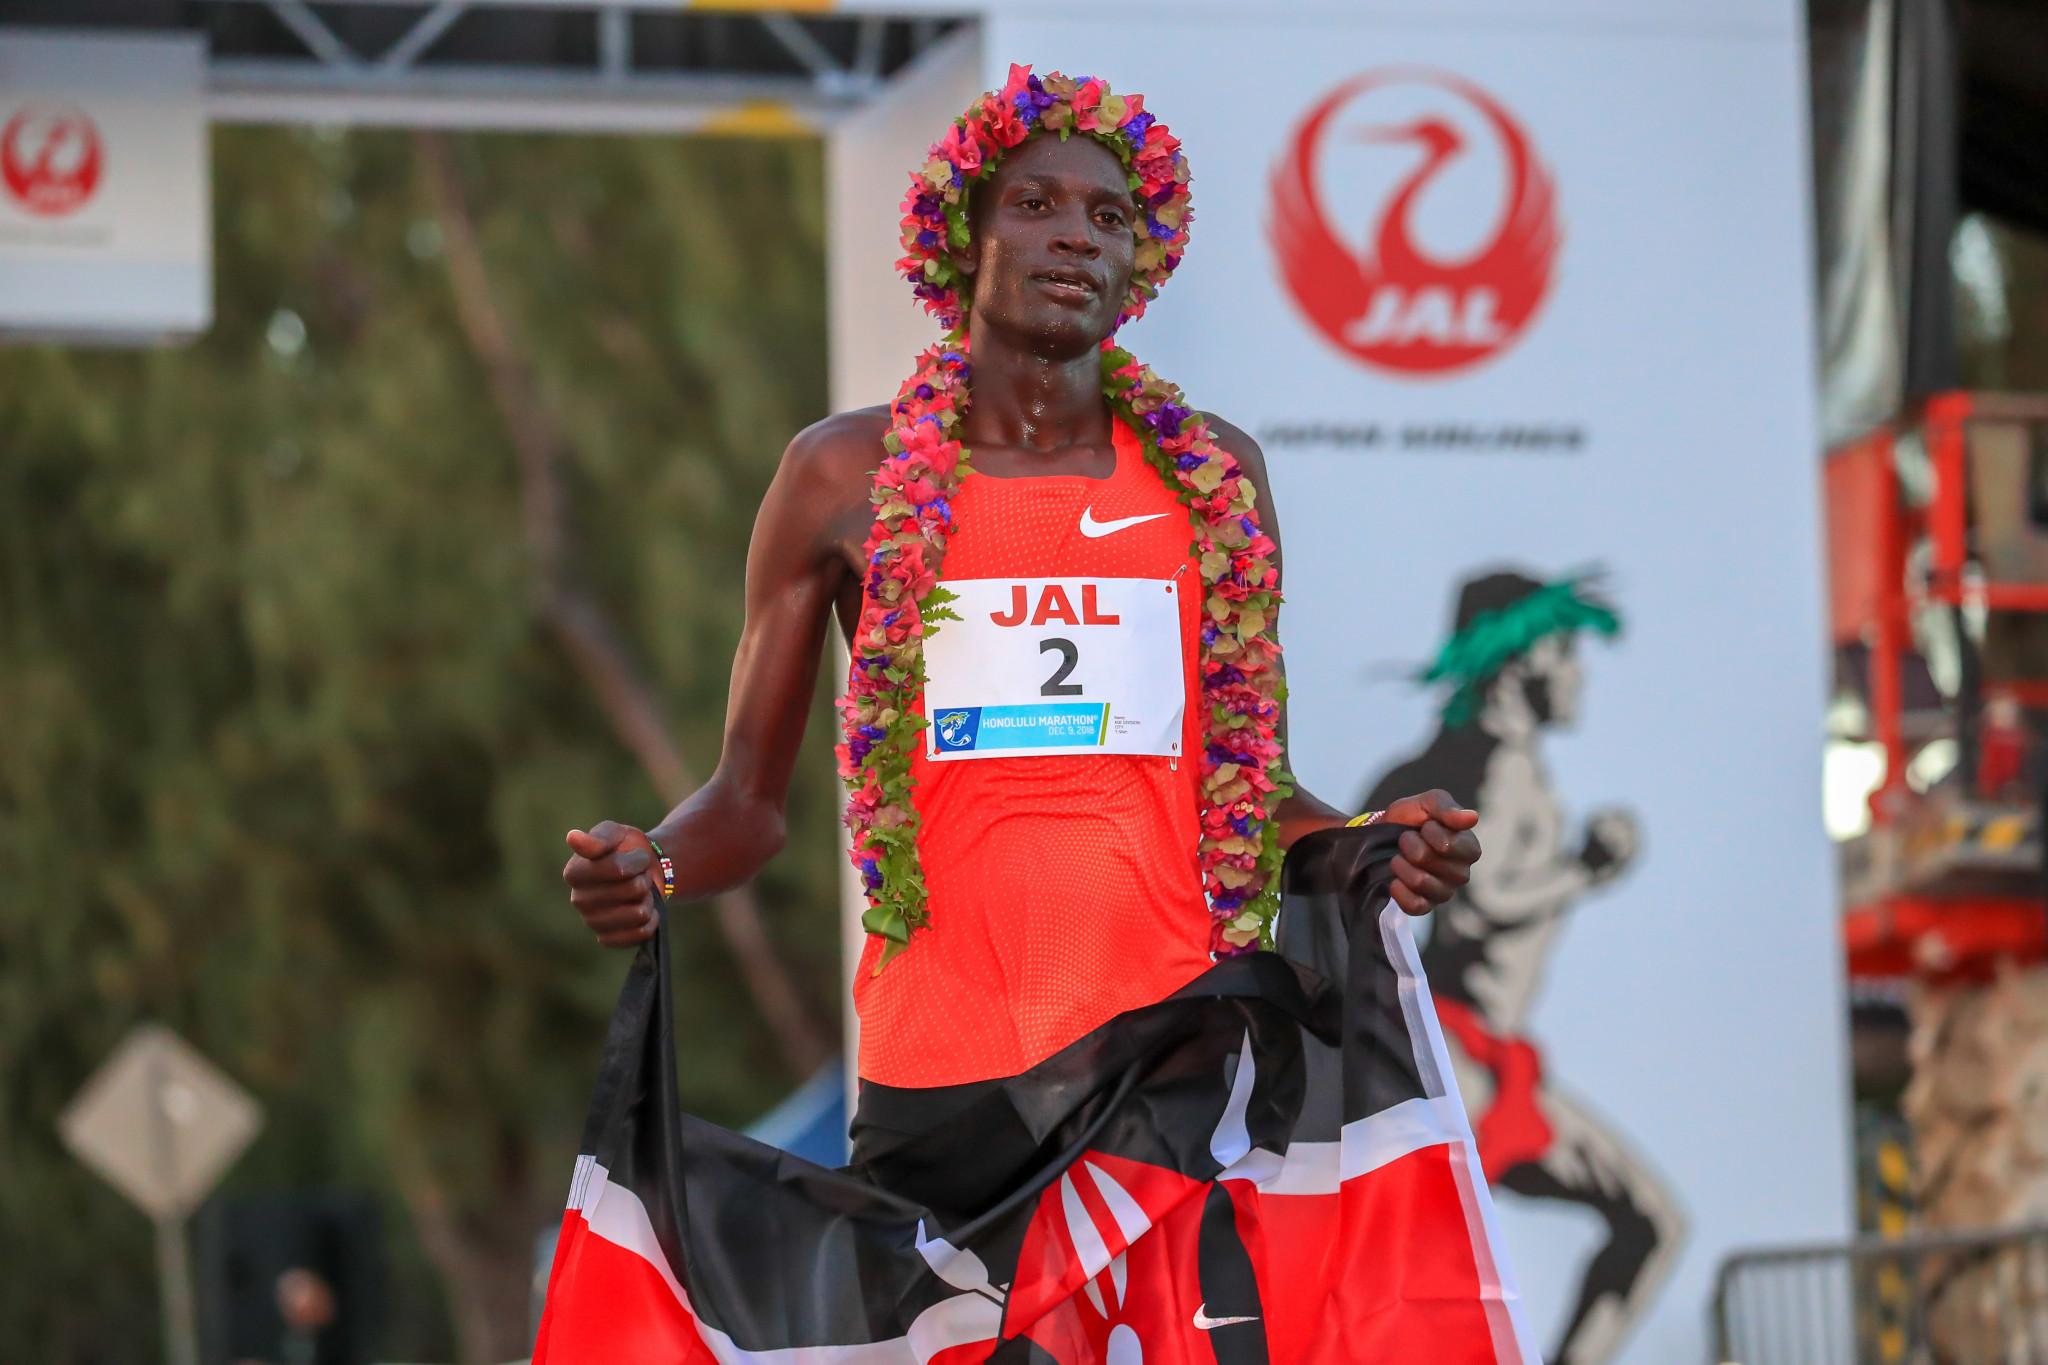 Ekiru makes history as Kenya rocket up medal standings on last day of athletics at African Games